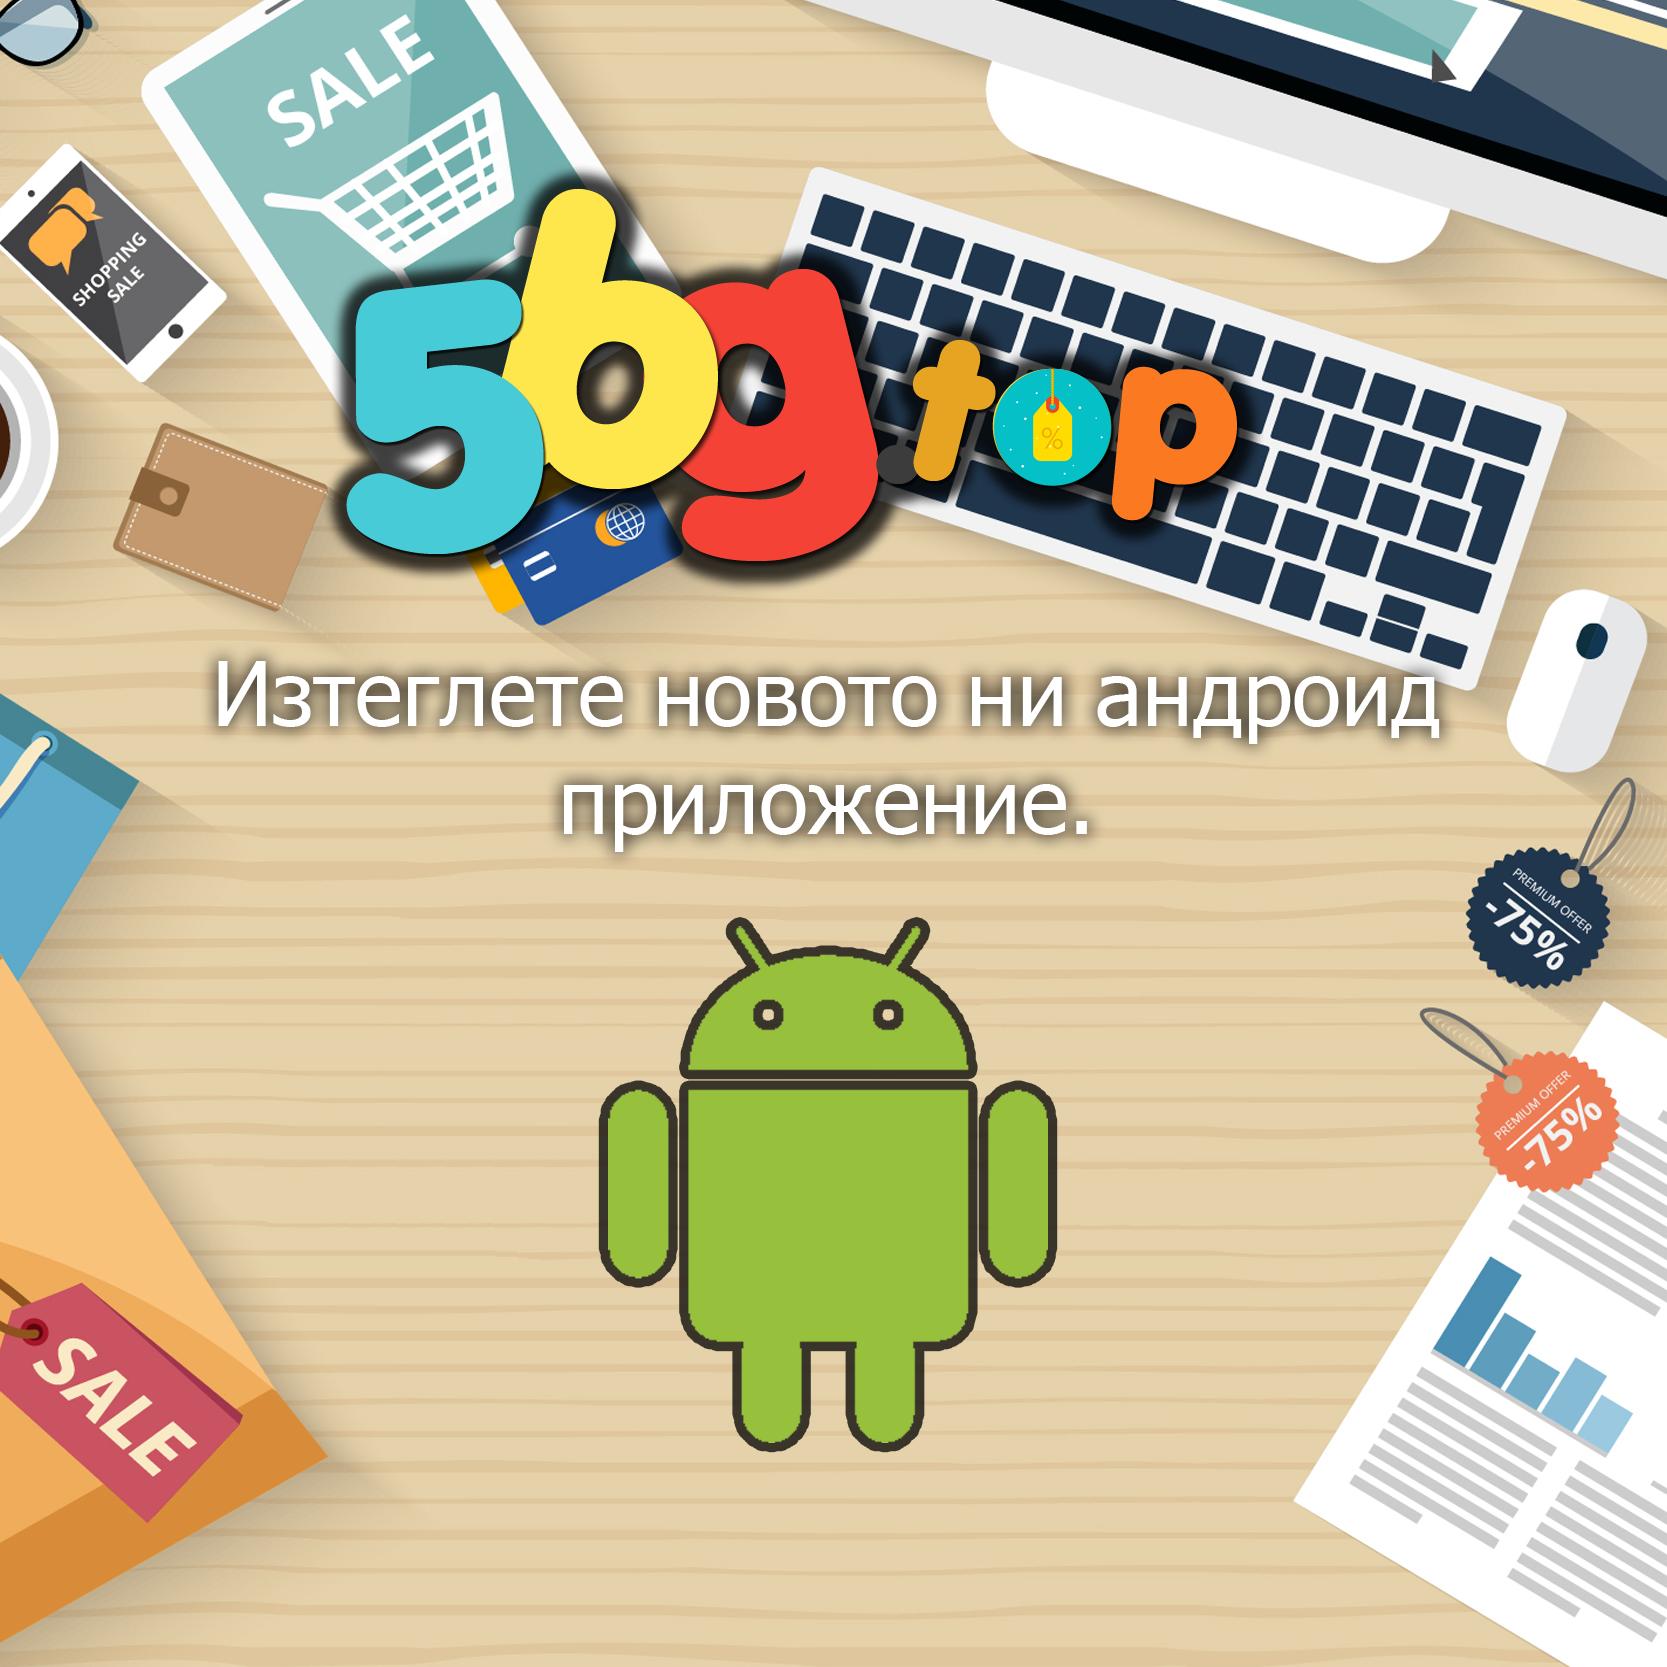 5bg.top - продавалника на България вече и с андроид приложение!